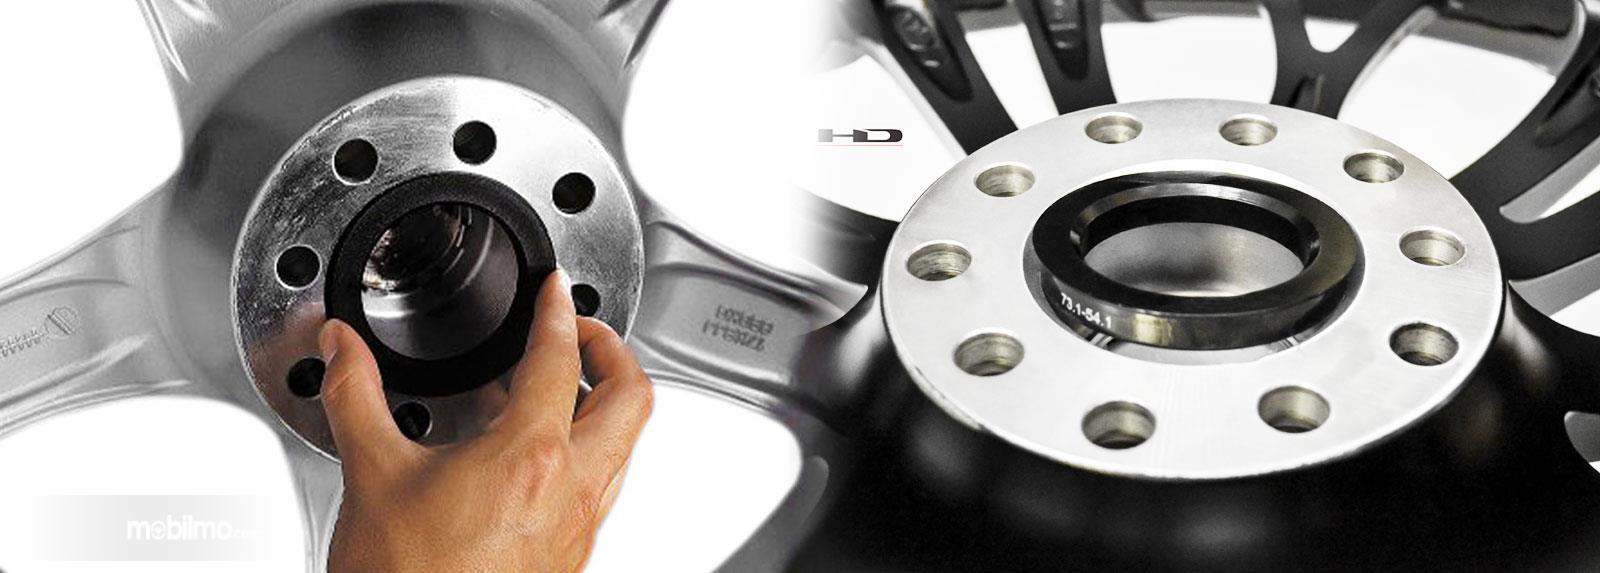 Foto center ring pada velg mobil